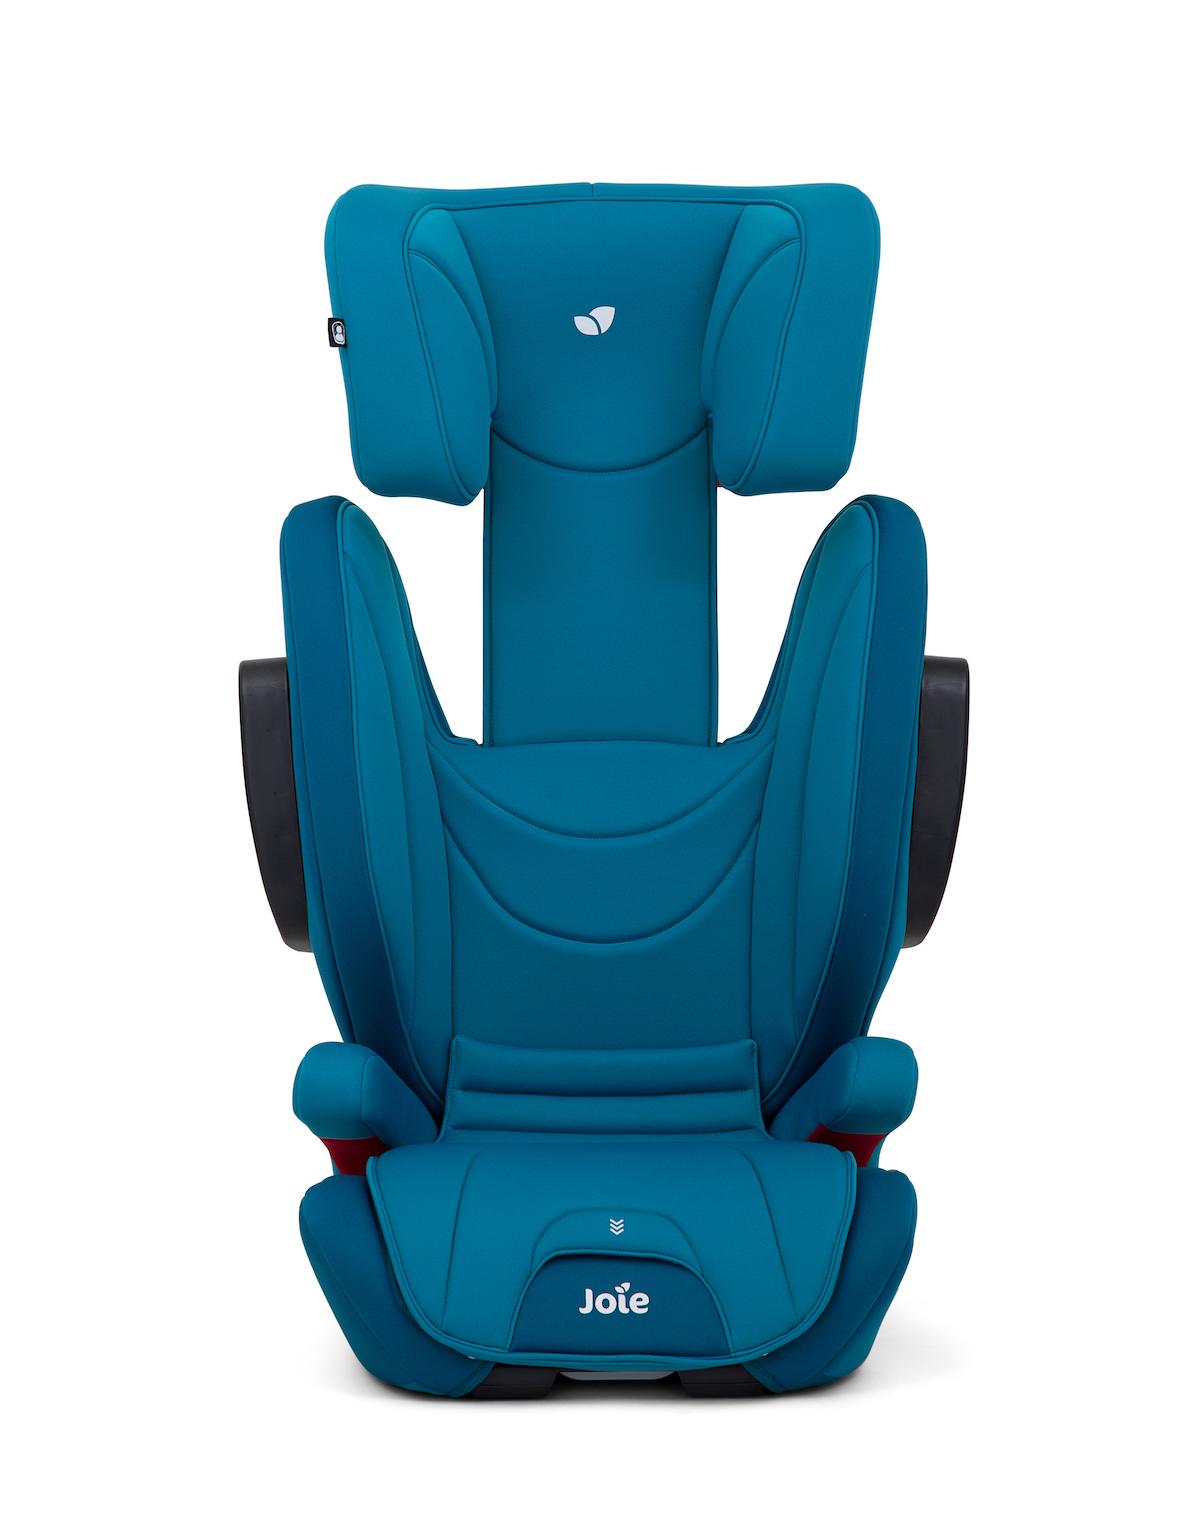 joie traver shield 100510. Black Bedroom Furniture Sets. Home Design Ideas